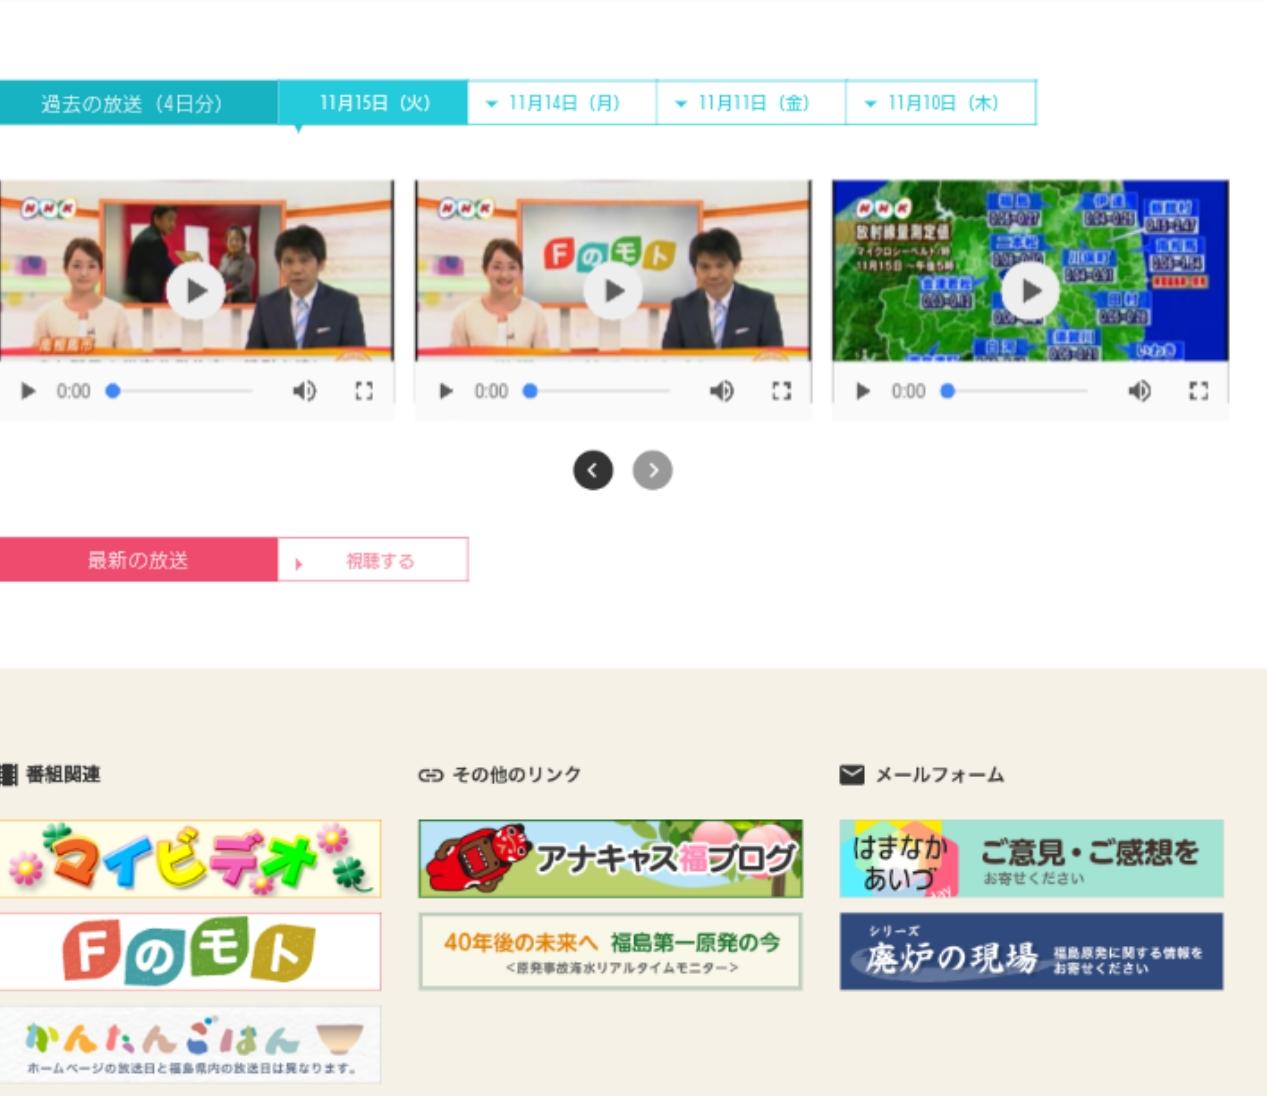 カラーコーンで世界記録に挑戦‼:NHK はまなかあいづtodayに出演しました!